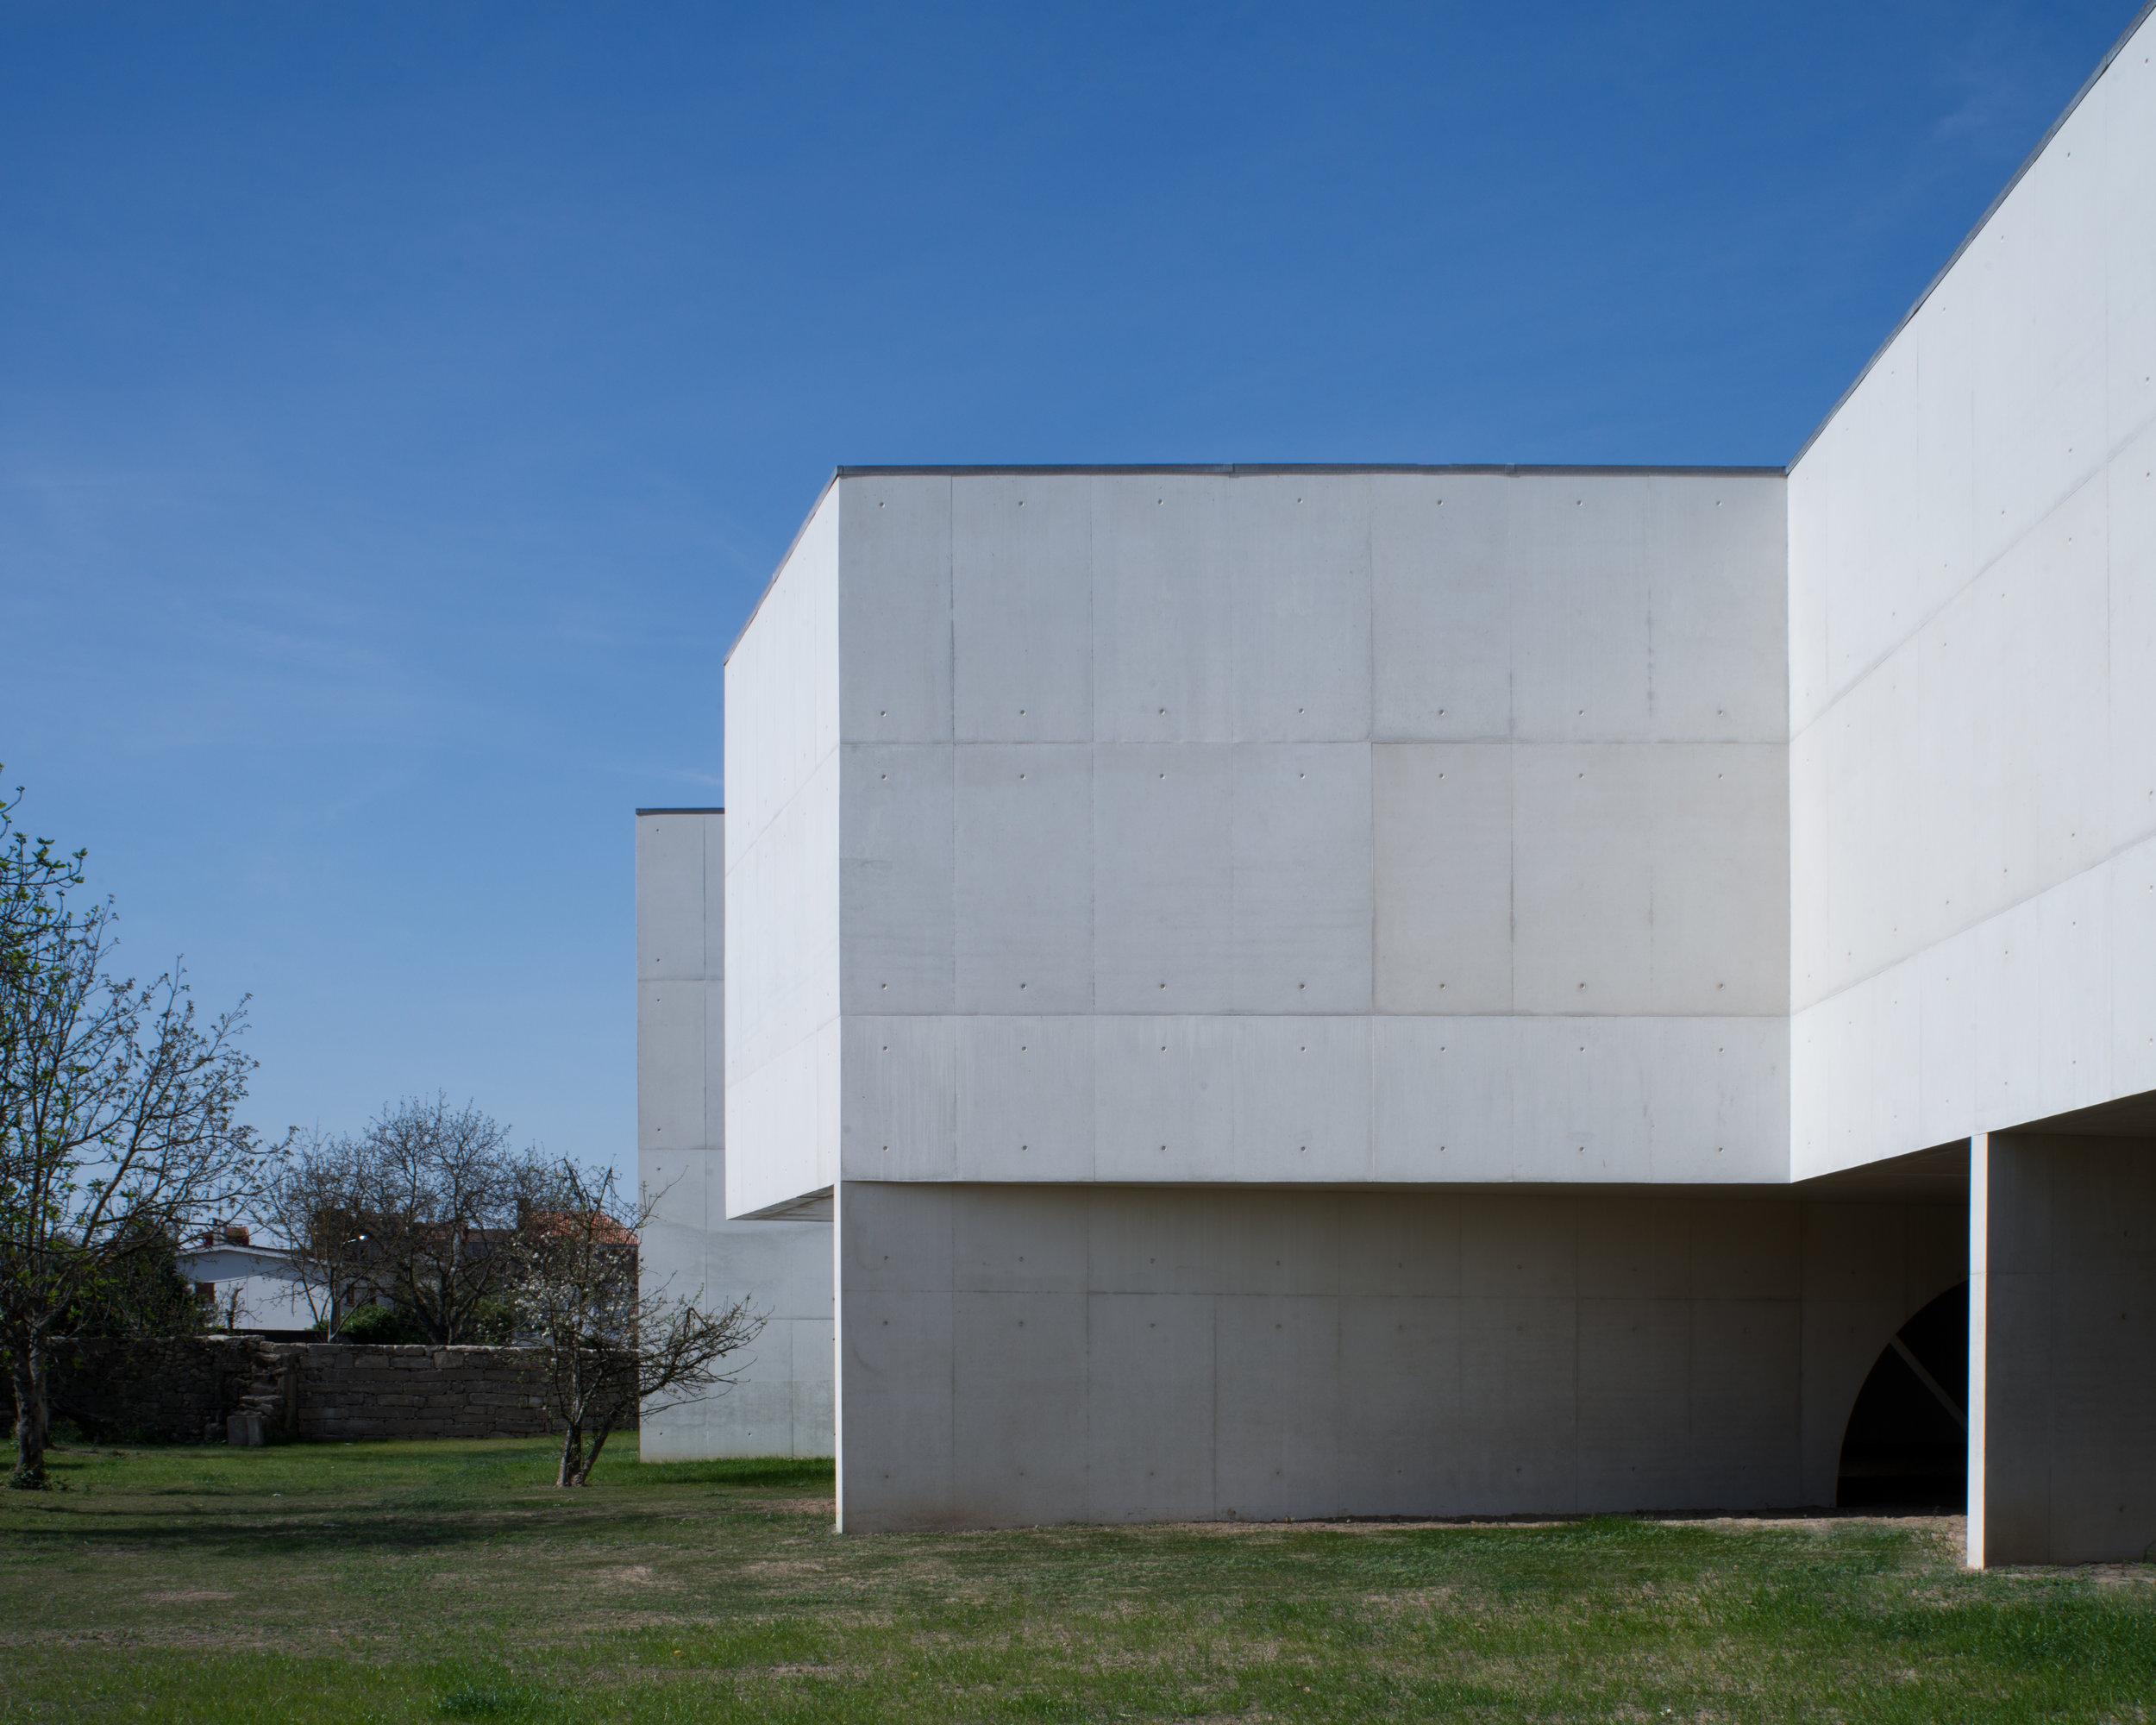 Museu Nadir Afonso /Álvaro Siza João Carmo Simões ....(photography)..(fotografia)....